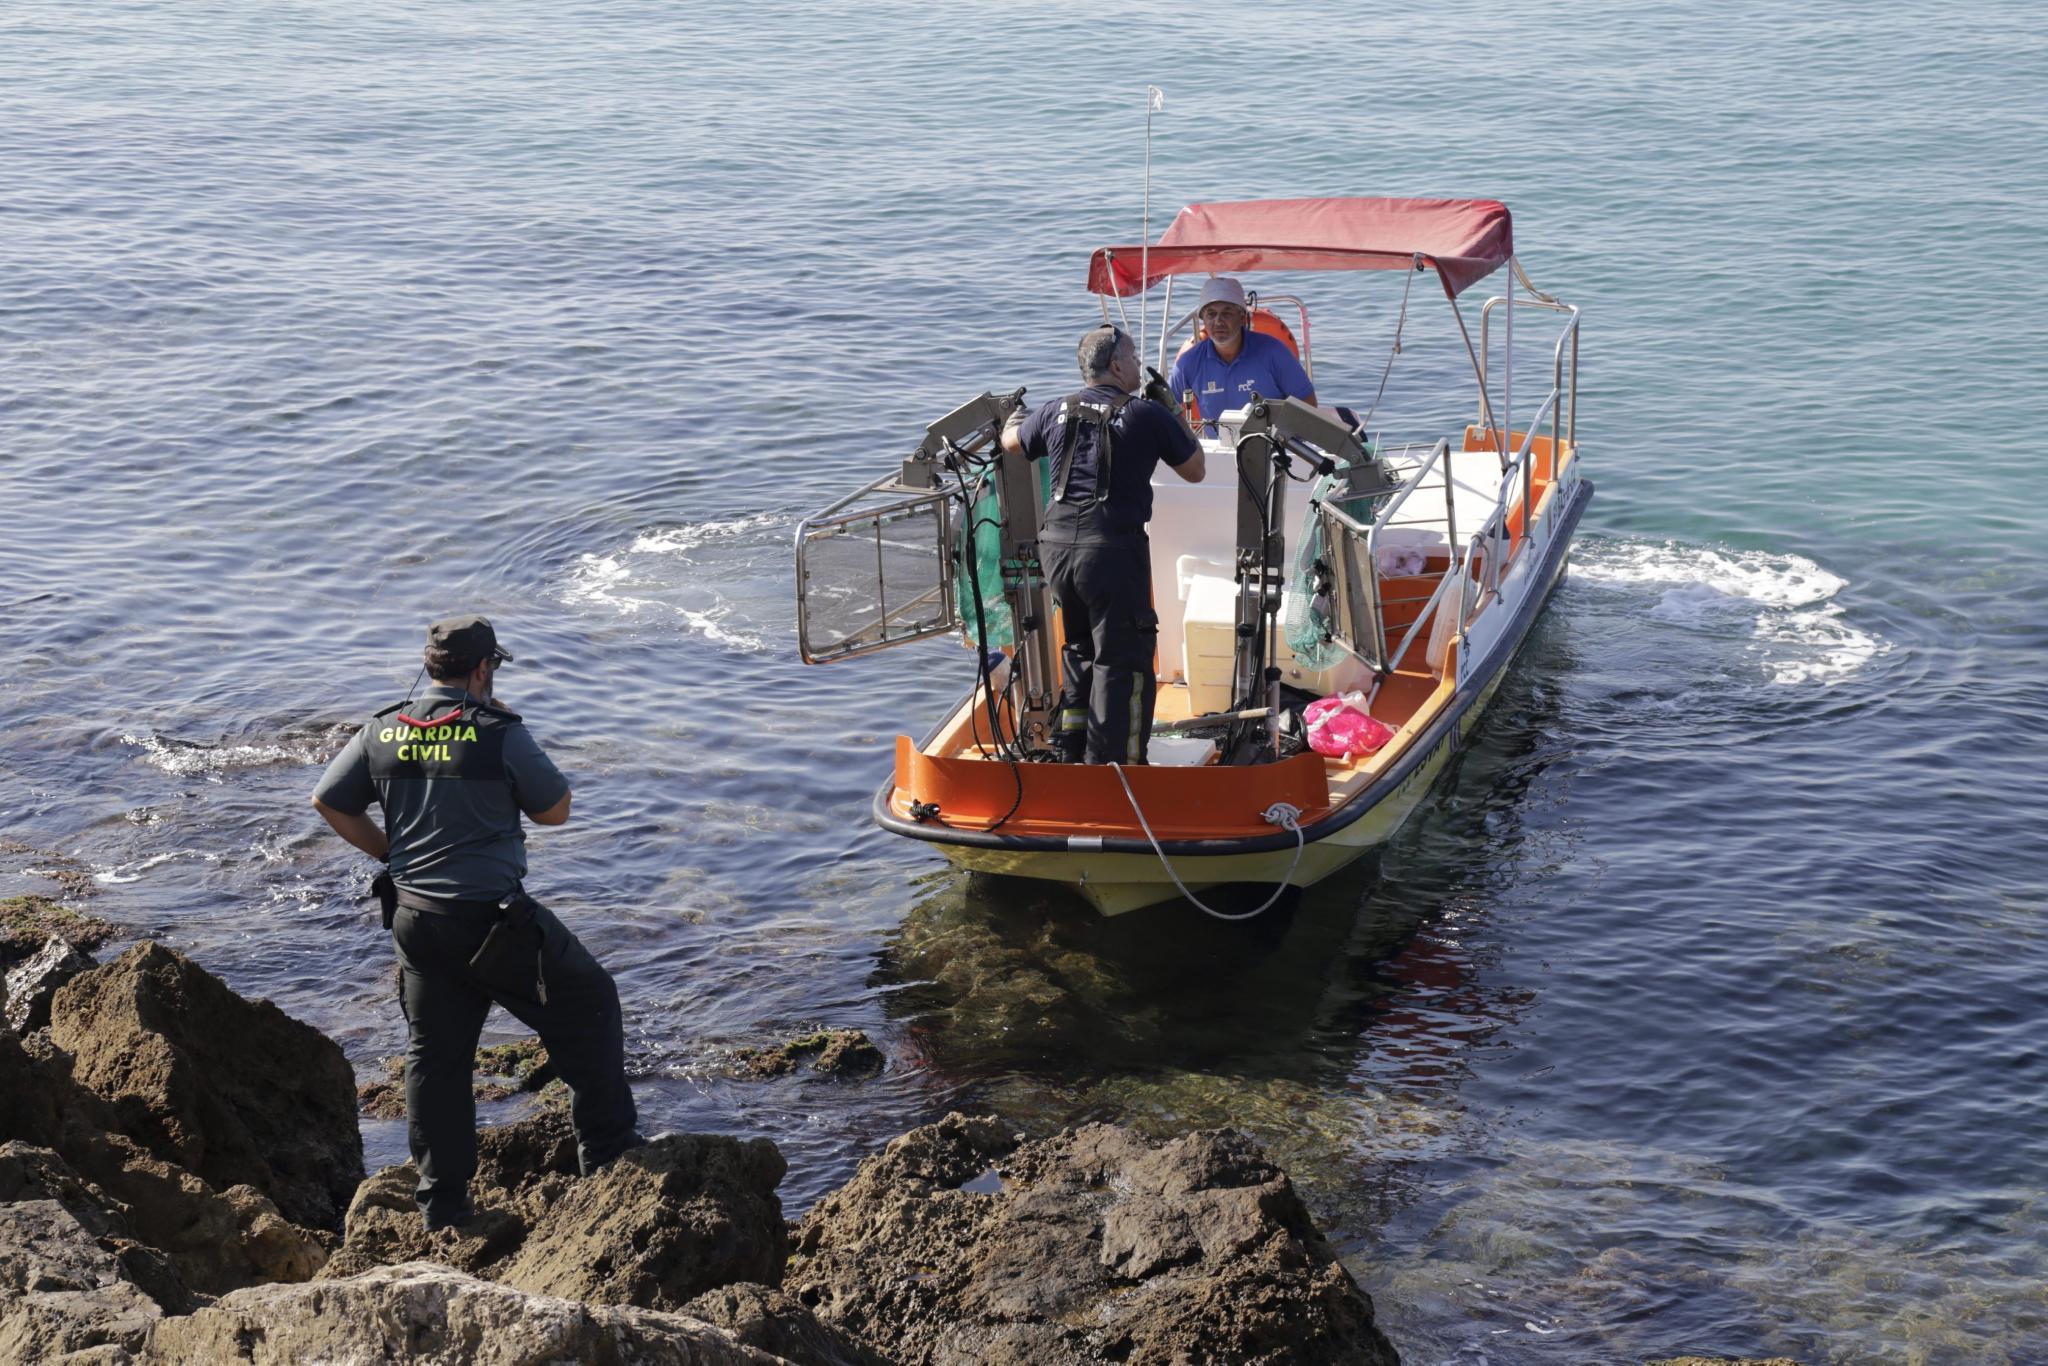 Leiche trieb im meer lokales nachrichten mallorca for Nachrichten magazin